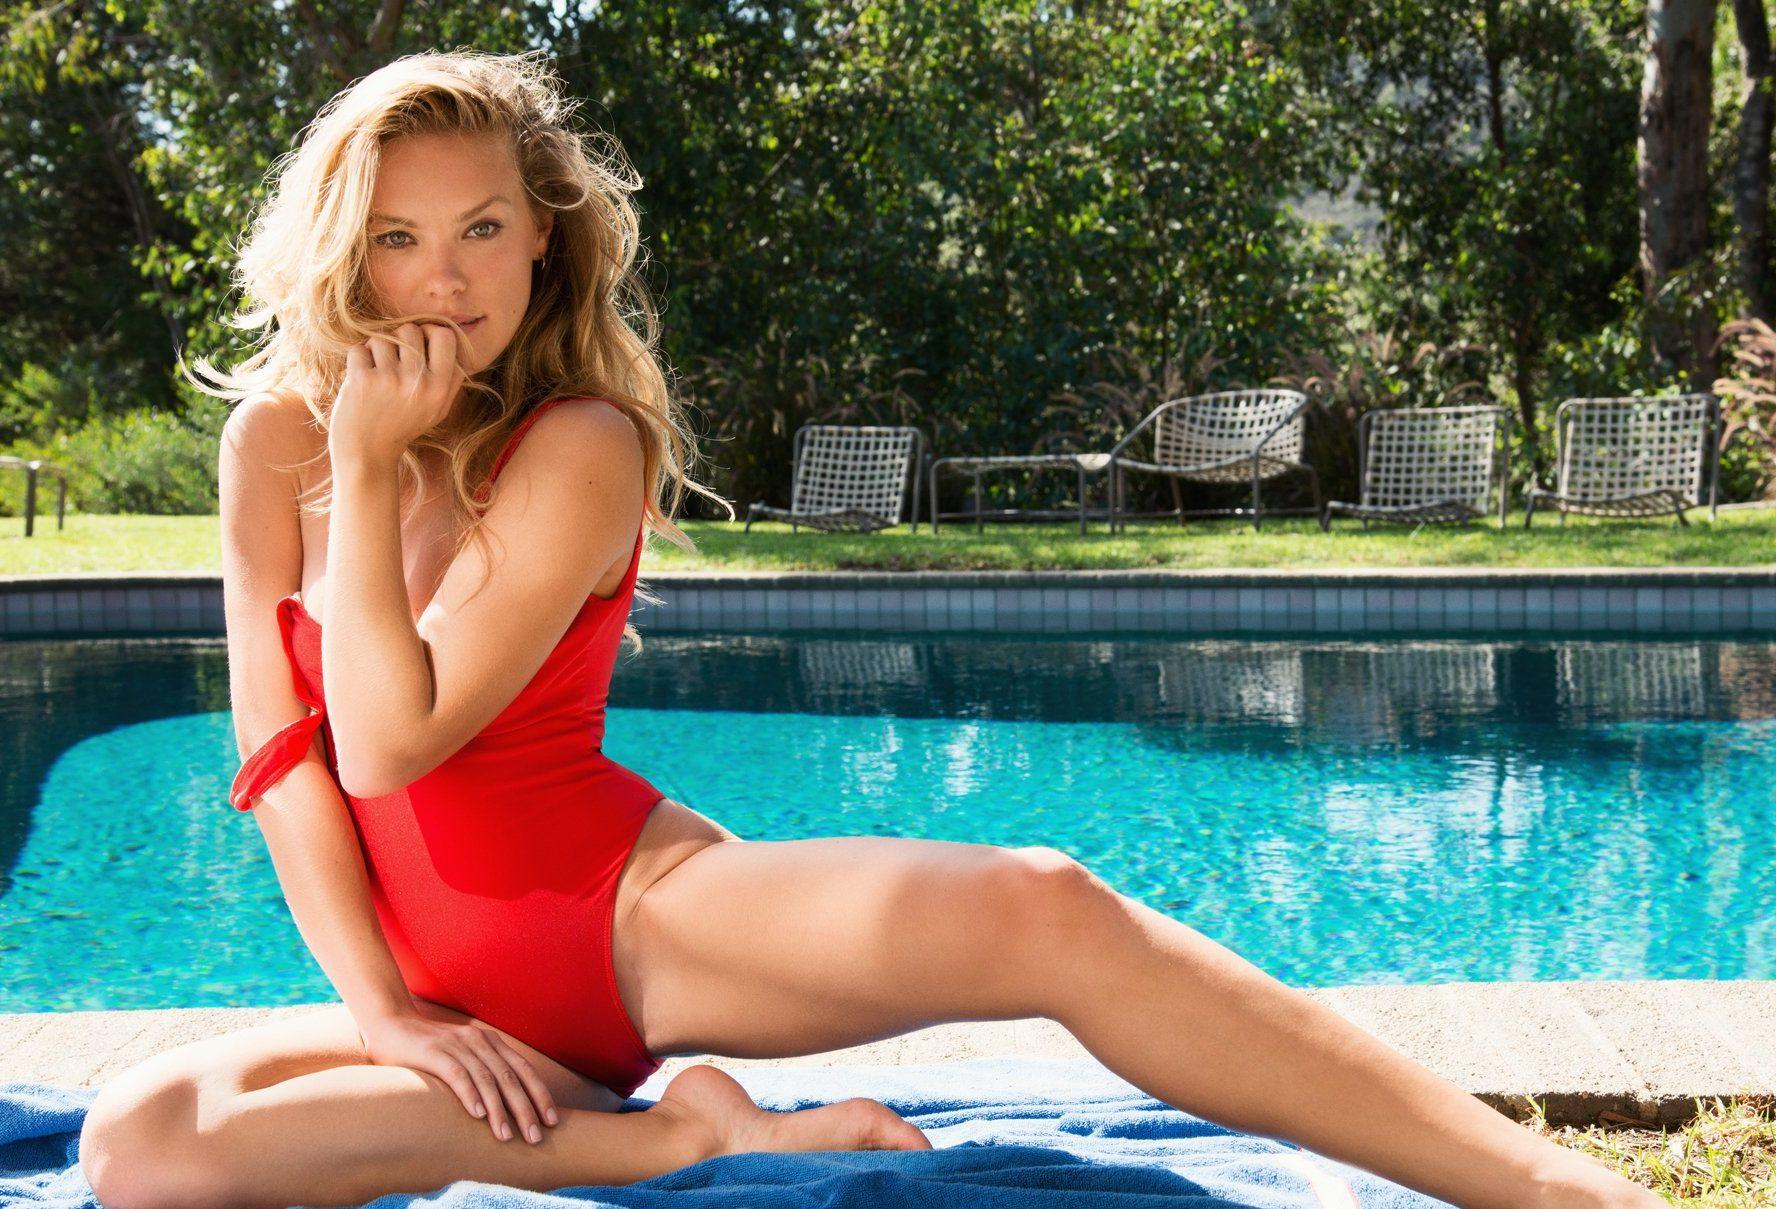 Kristy Garett Model Playboy Yang Suka Gaya Hidup Bebas